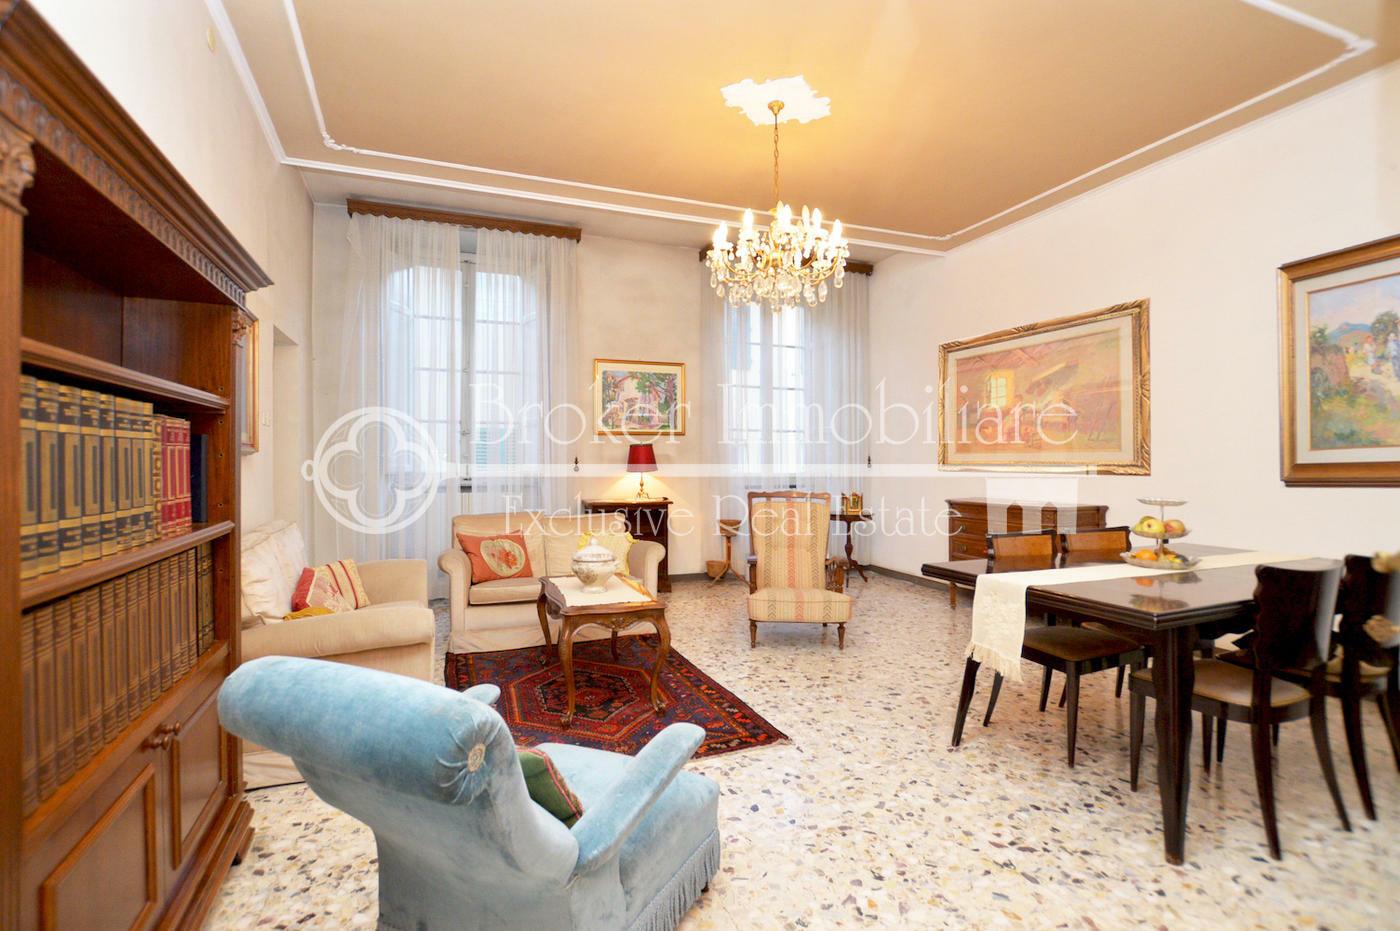 Ampio appartamento in vendita nel centro storico di Lucca